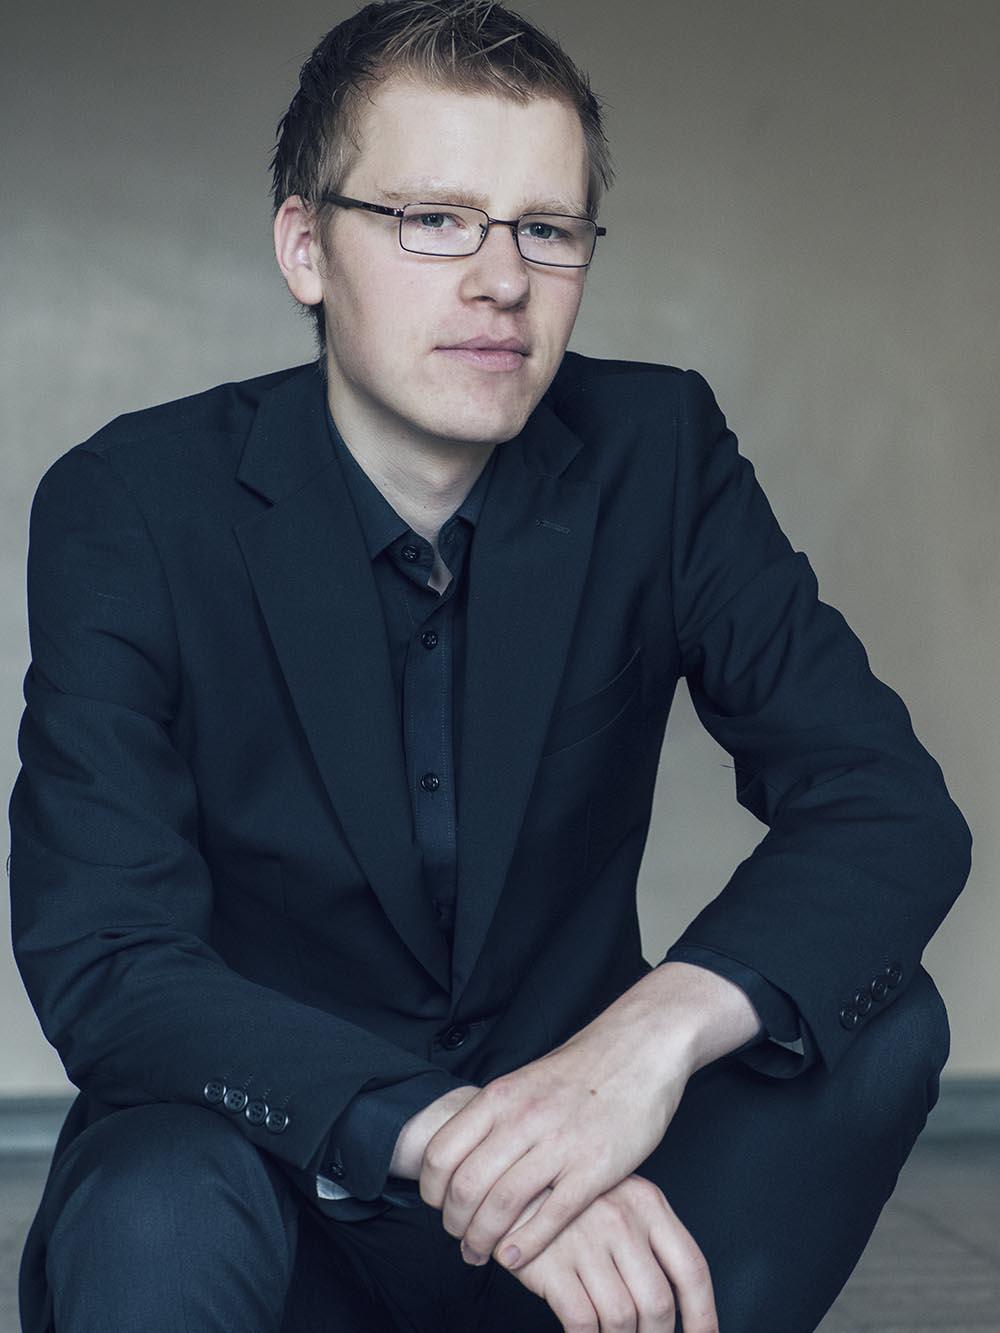 Jasper Koekoek